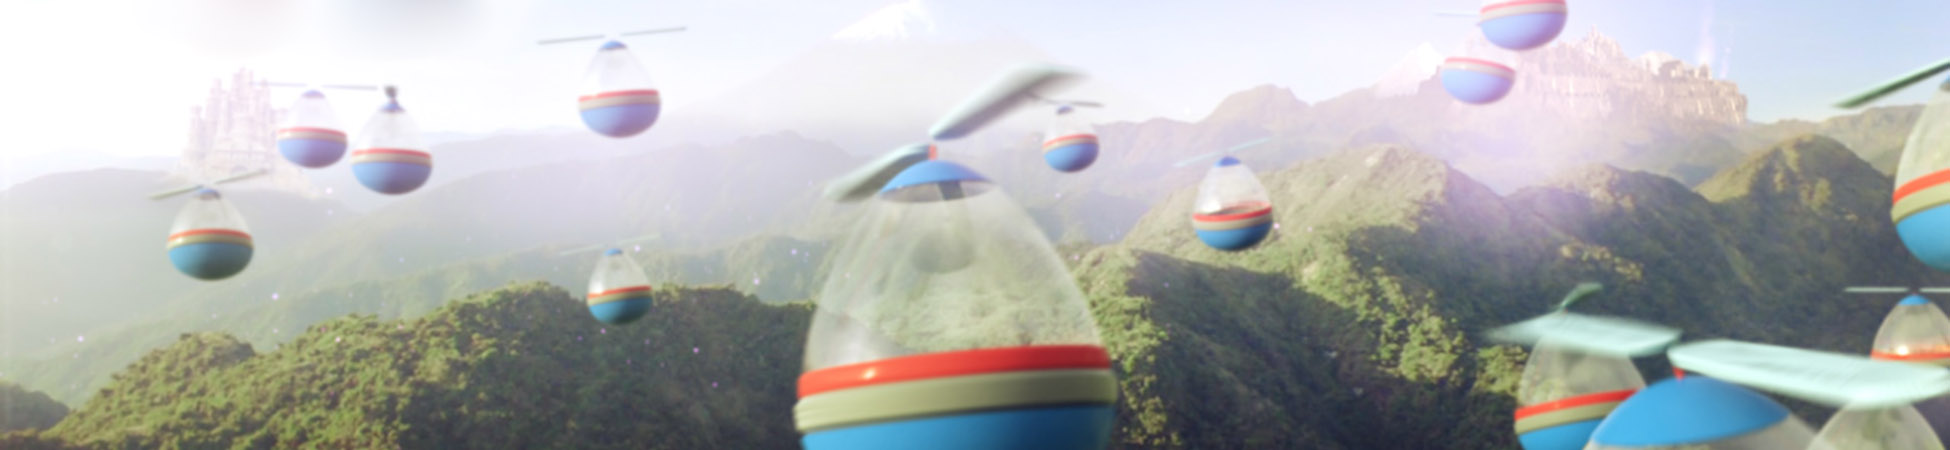 Flying Shuttles